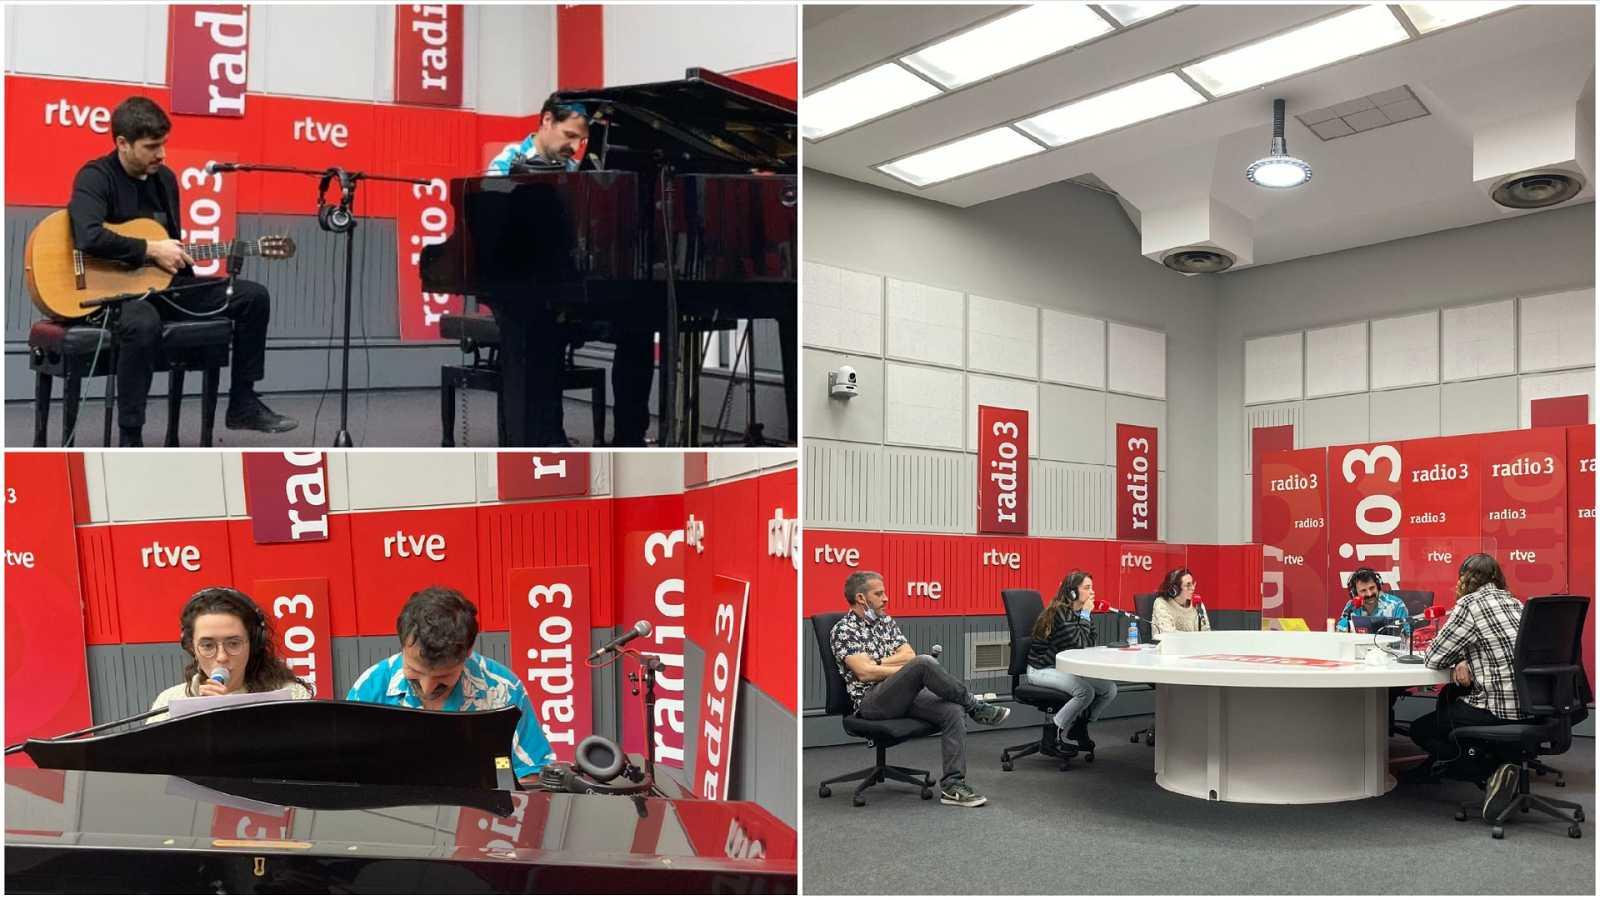 Especiales Radio 3 - VÍDEO: Especial John Lennon en Hoy empieza todo con Ángel Carmona - 04/12/20 - Ver ahora